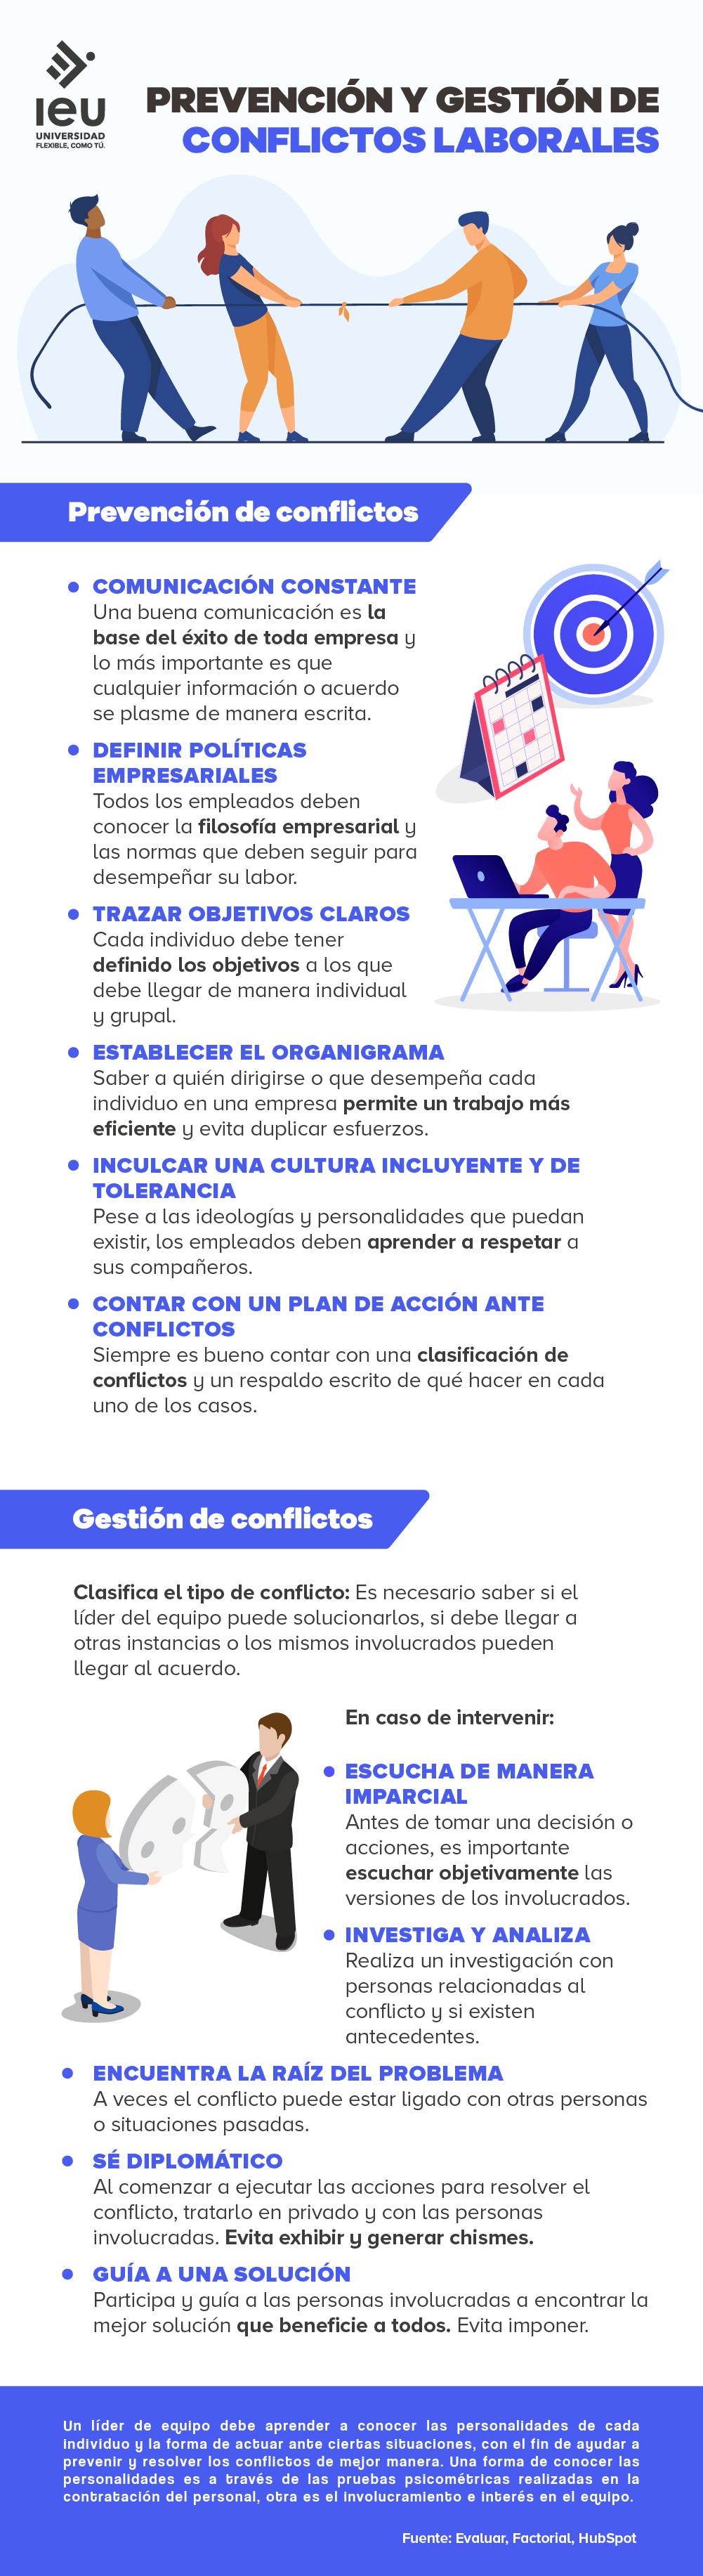 prevención y gestión de conflictos laborales infografia